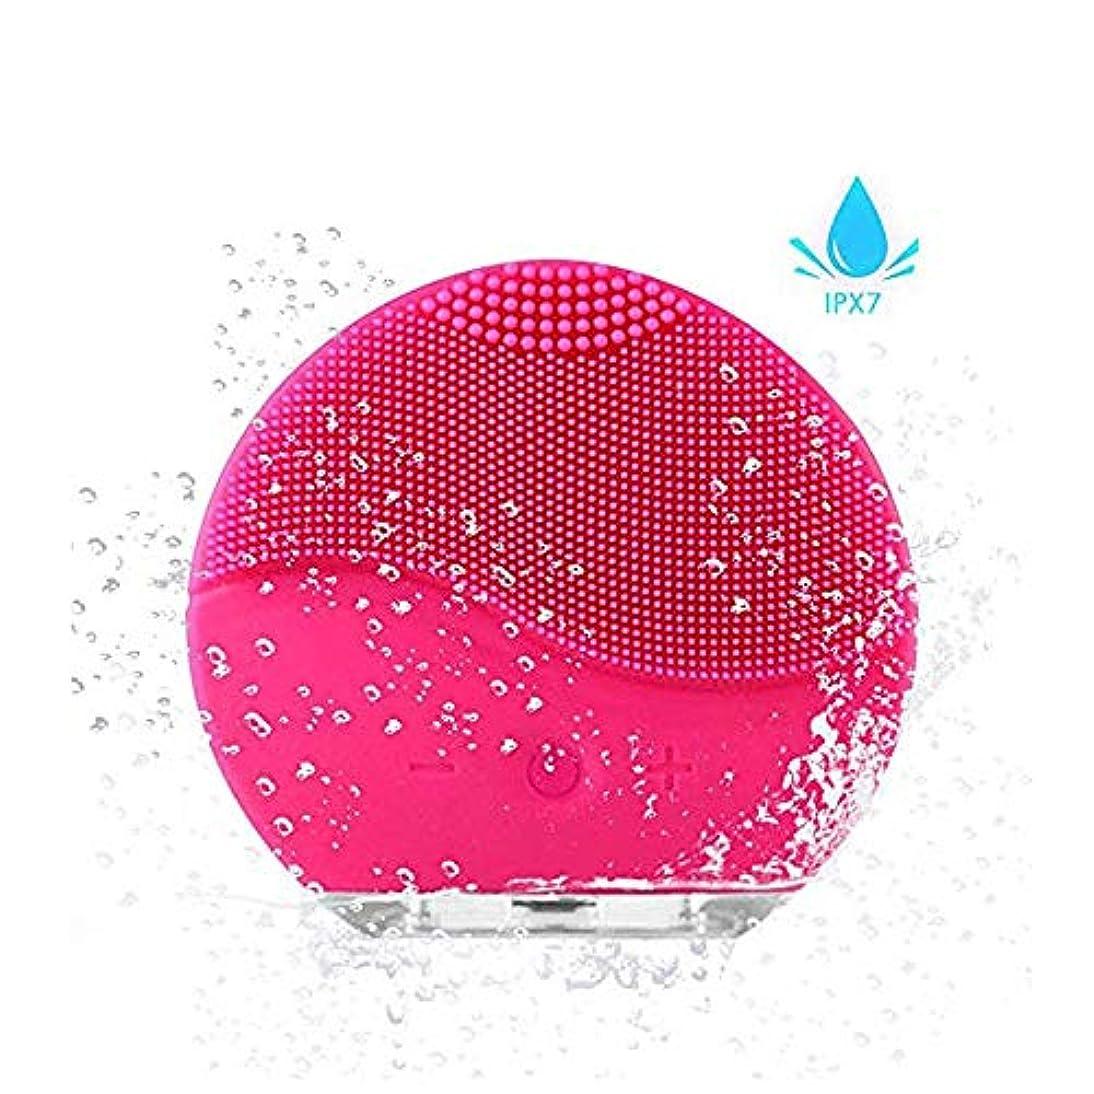 共感する高揚したいらいらさせる洗顔用フェイスブラシ ディープクレンジングスキンケア用フェイシャルクレンジングブラシ、防水シリコンフェイシャルクリーナーおよびMasagerエレクトリッククレンジングシステム